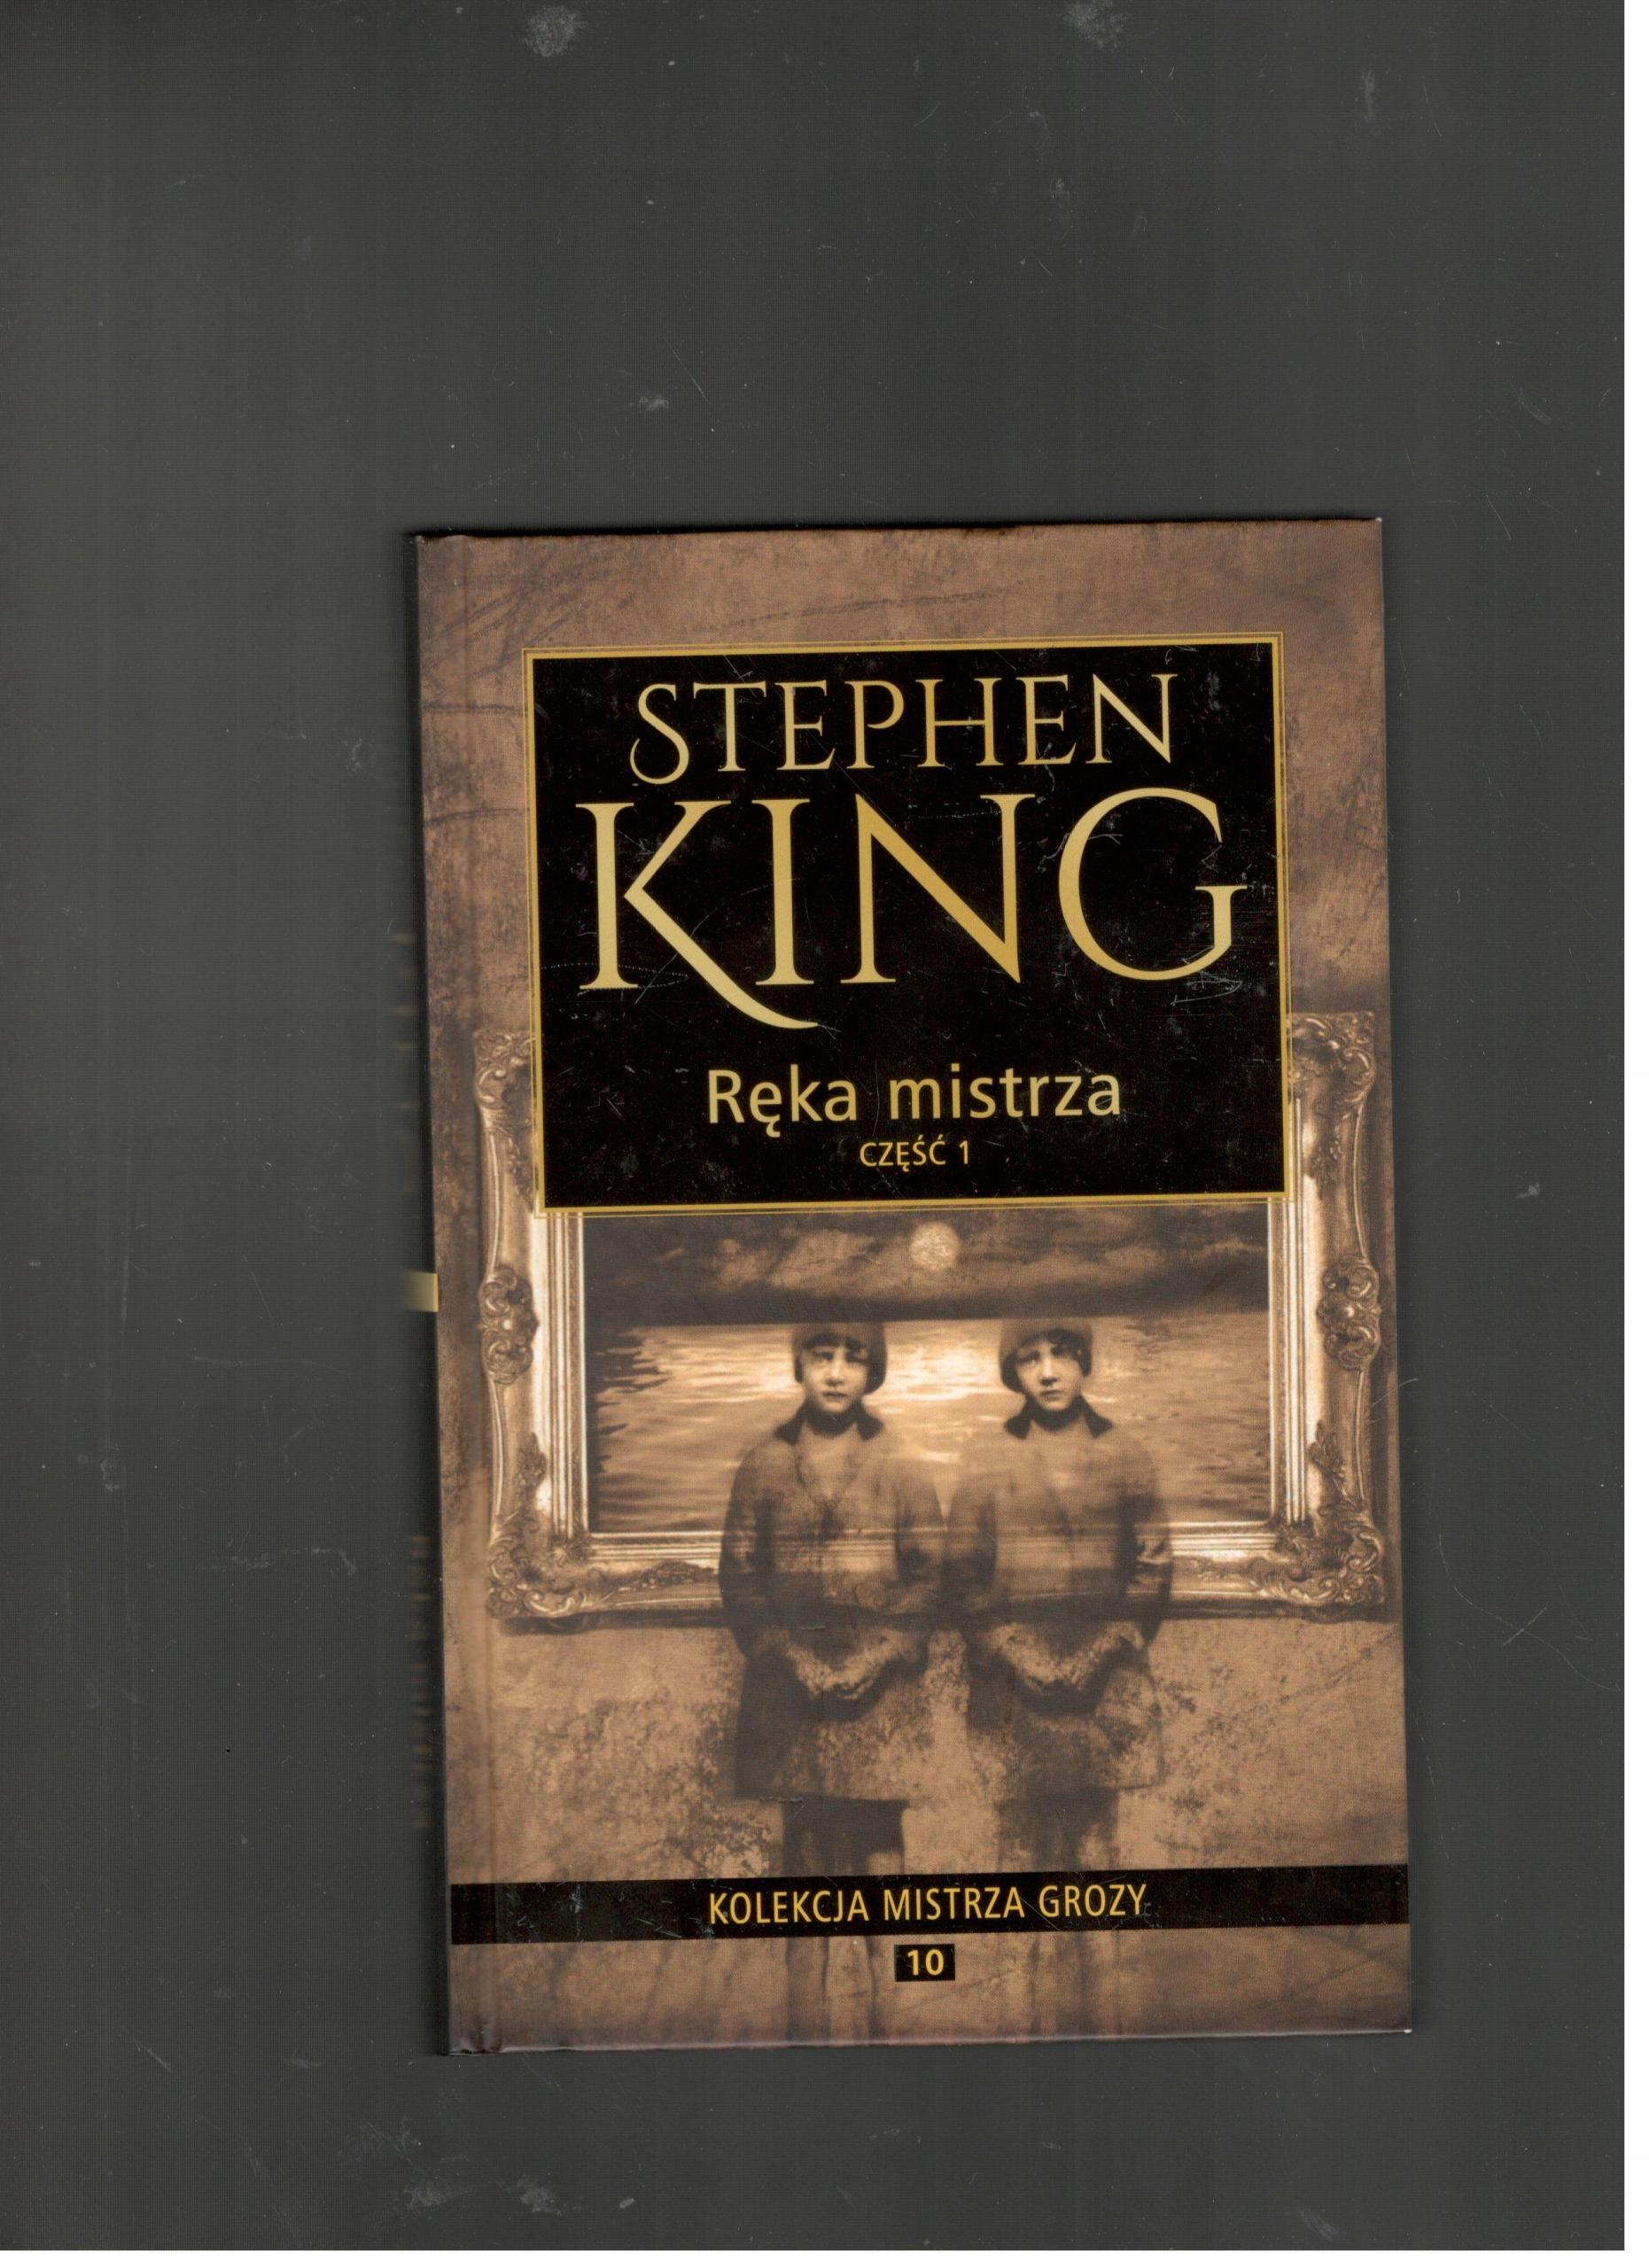 RĘKA MISTRZA - CZĘŚĆ 1 STEPHEN KING - 9,99 ZŁ